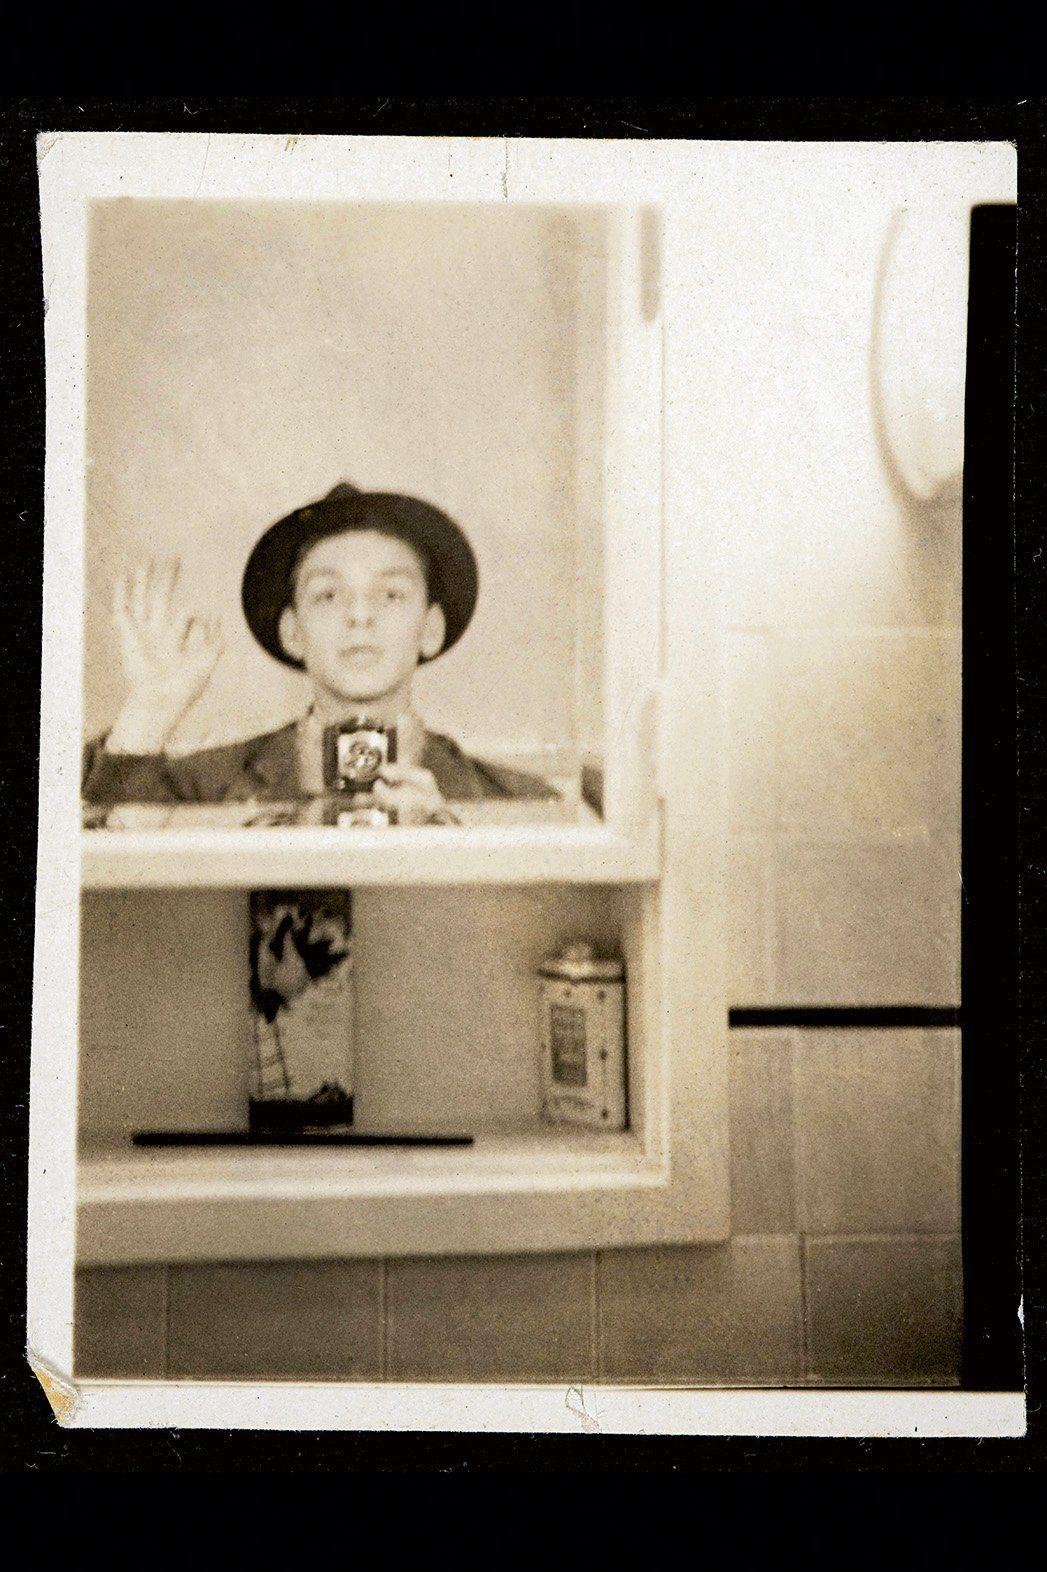 Sinatra at 15